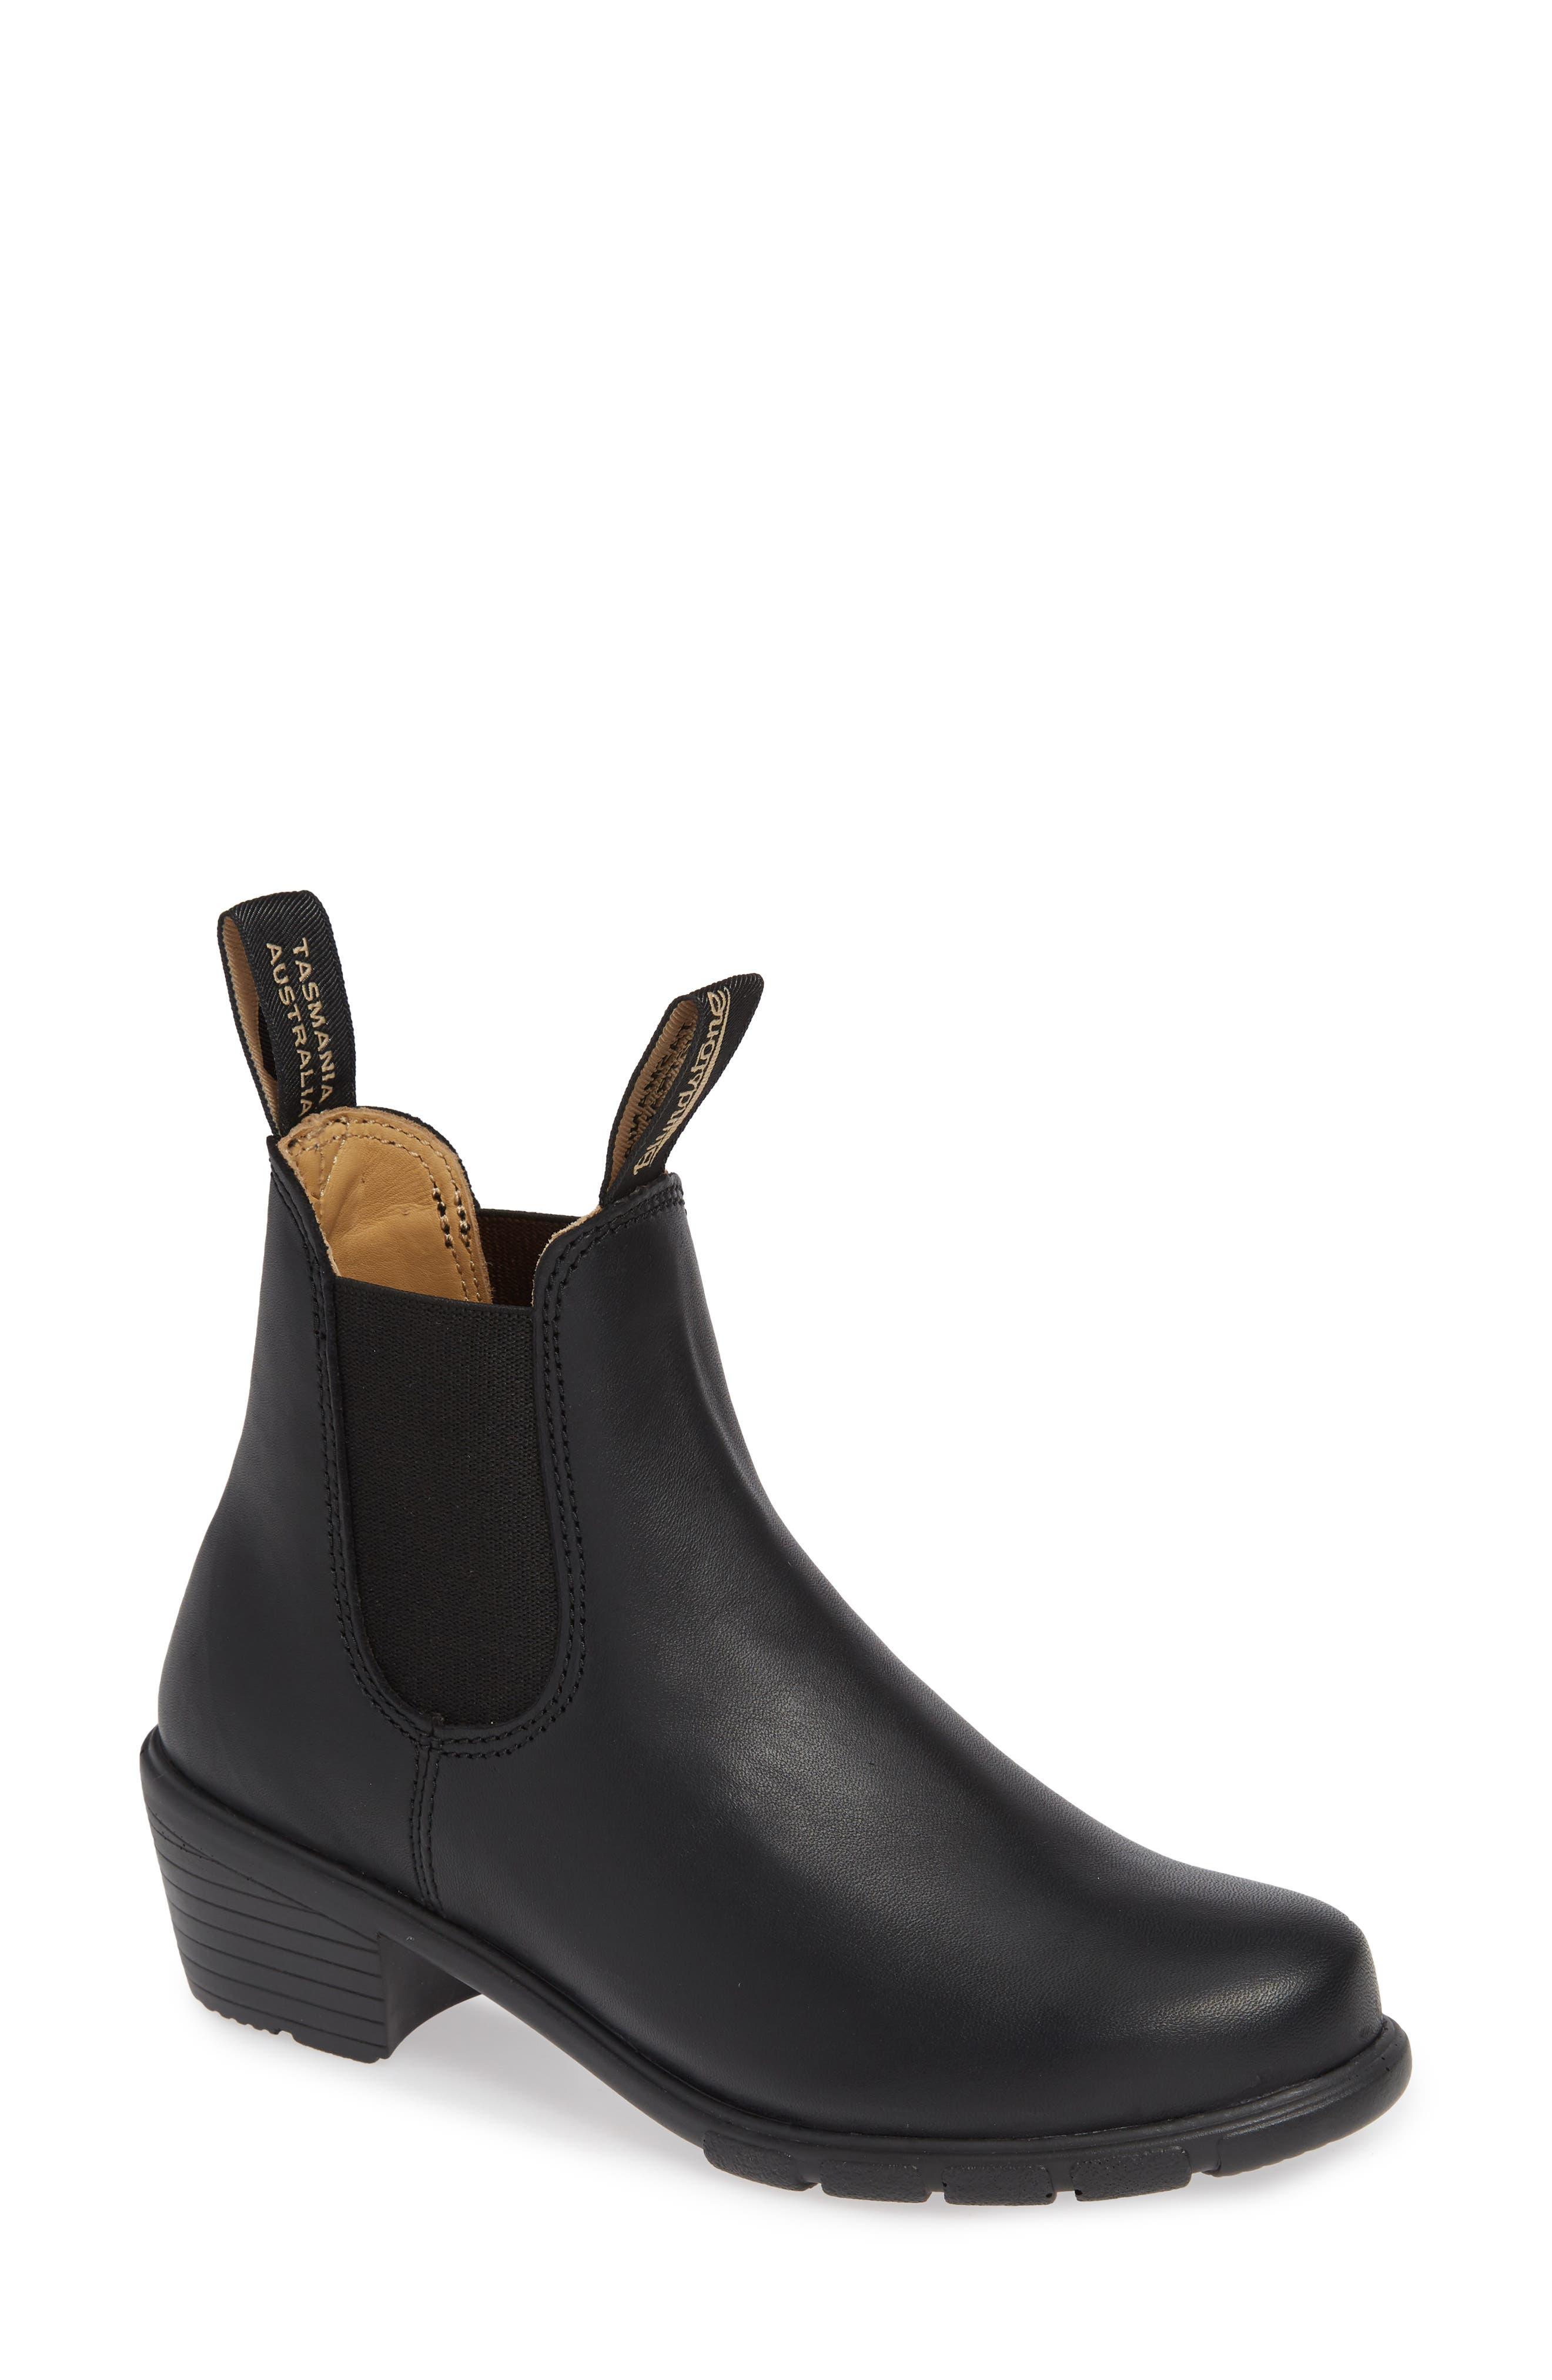 Women's Blundstone 1671 Chelsea Boot